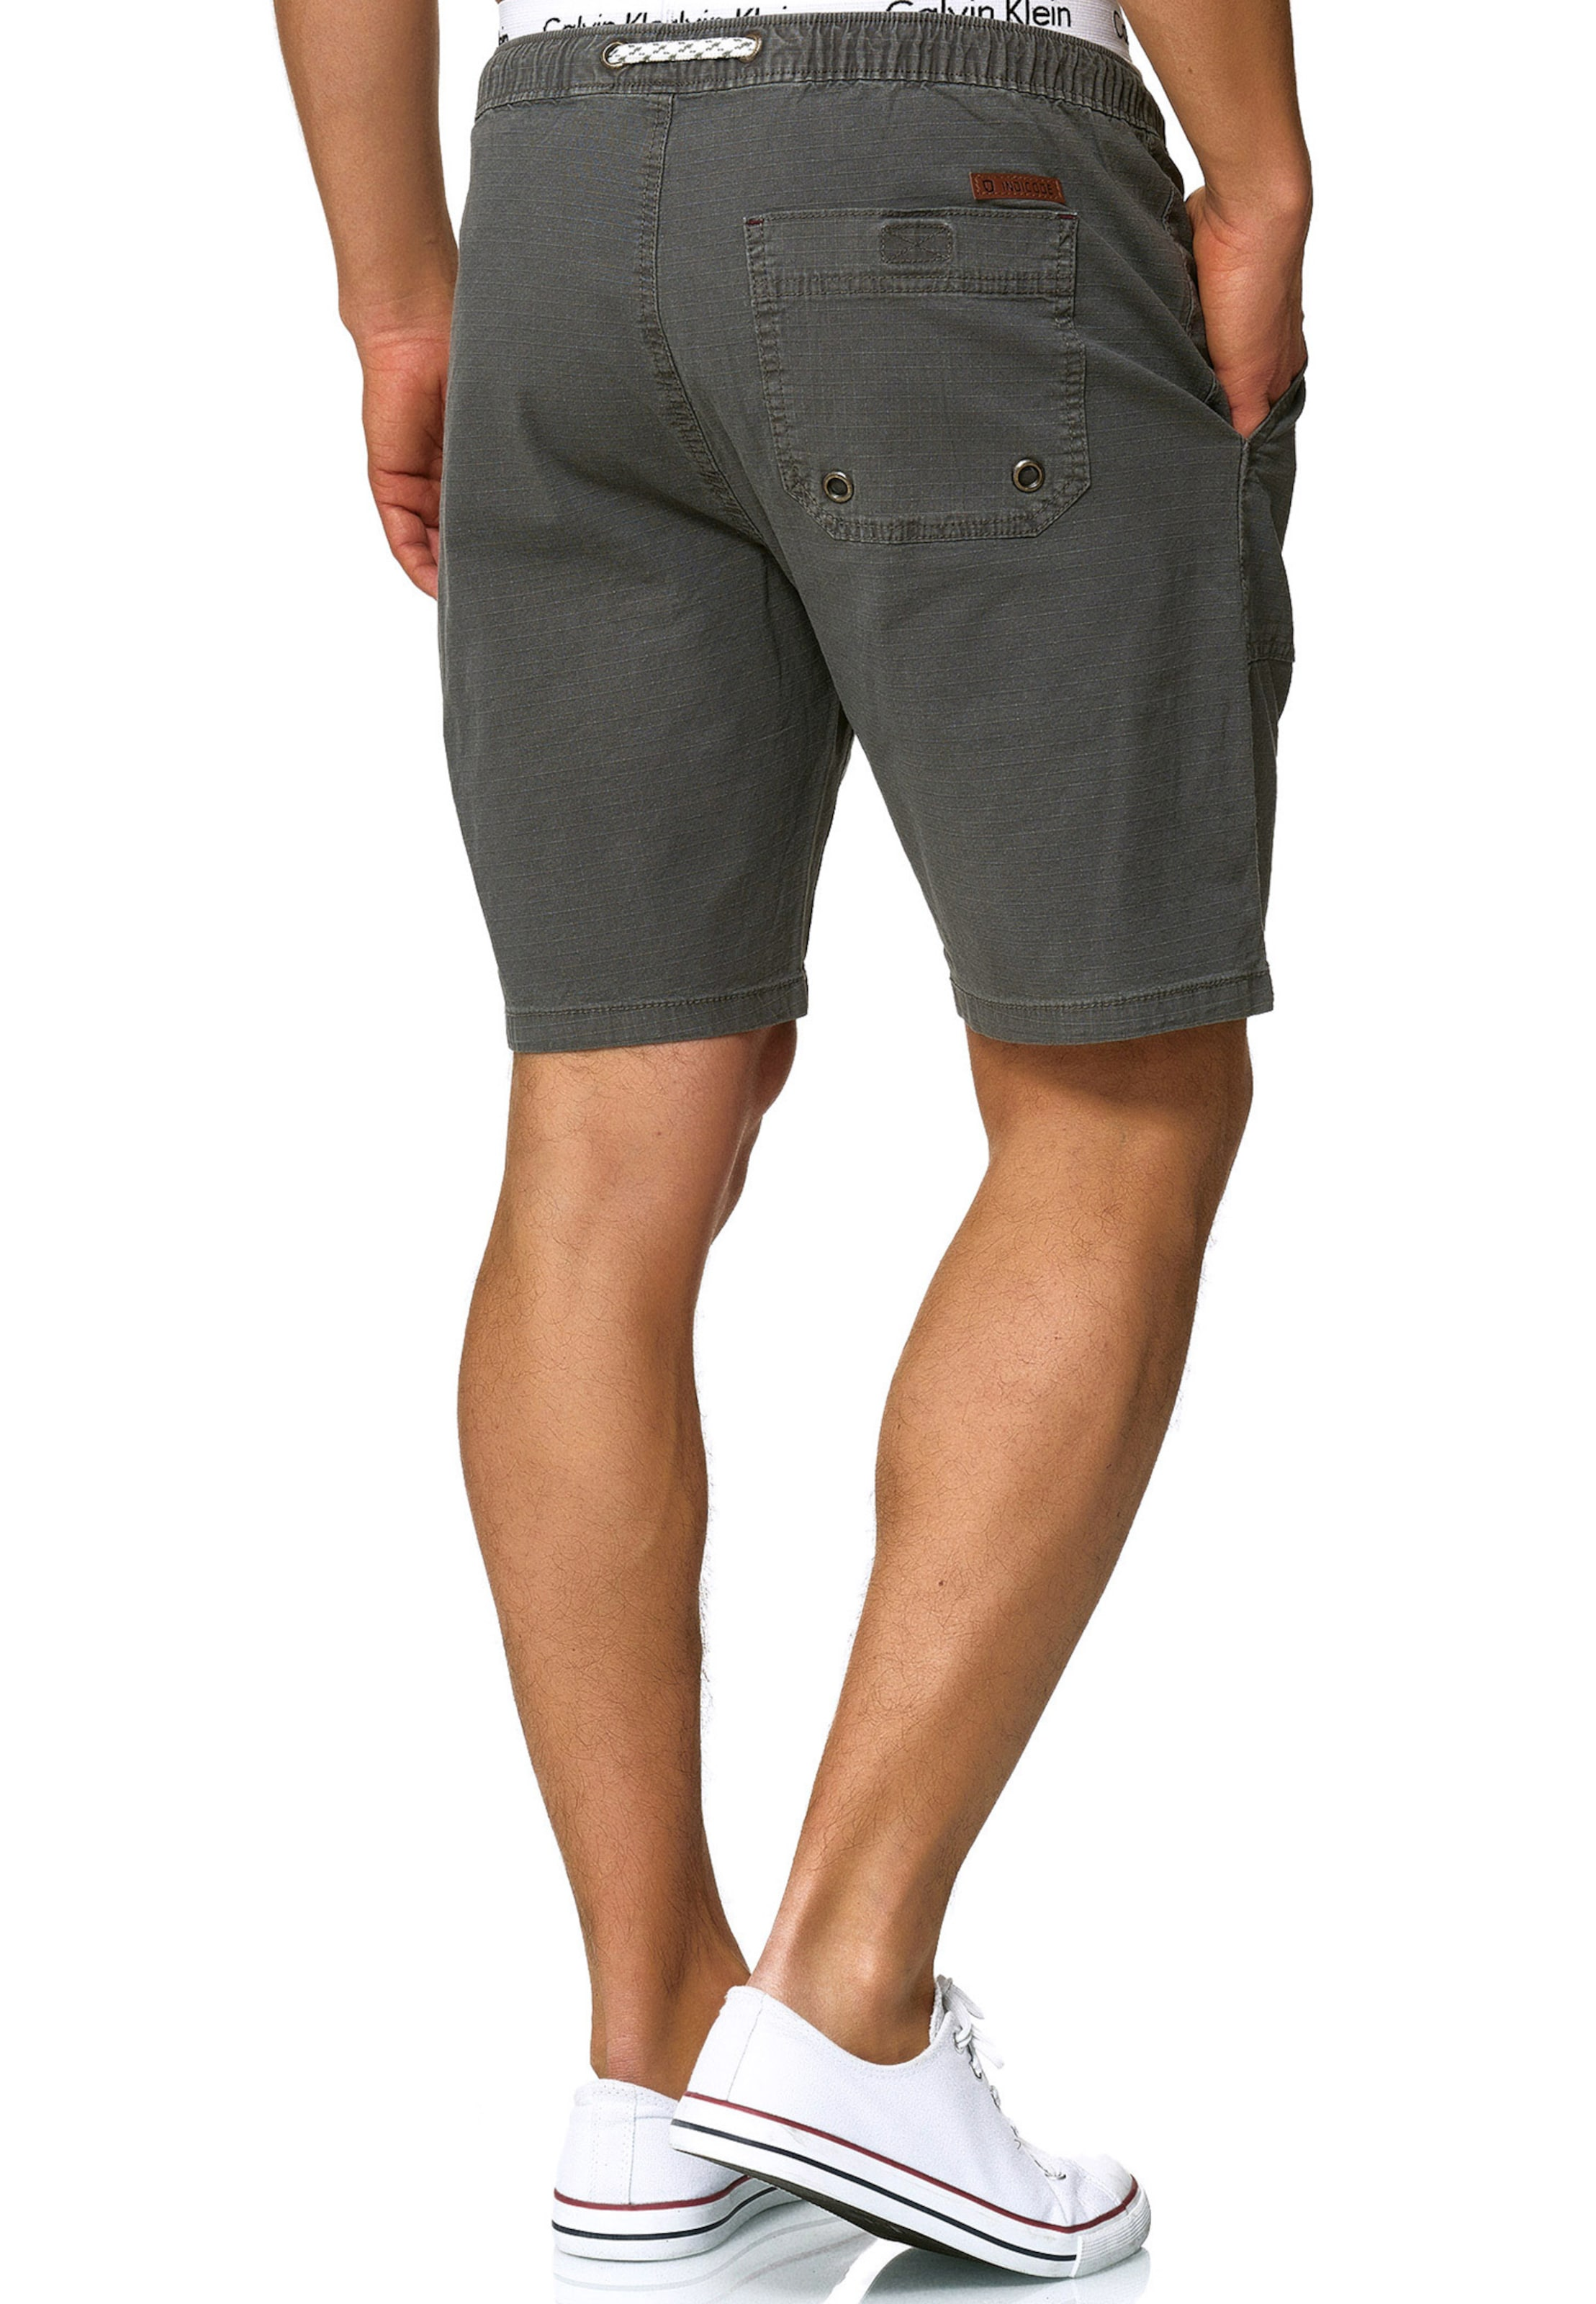 En Basalte Pantalon Jeans Gris Indicode 'stoufville' UVGSzMpLq